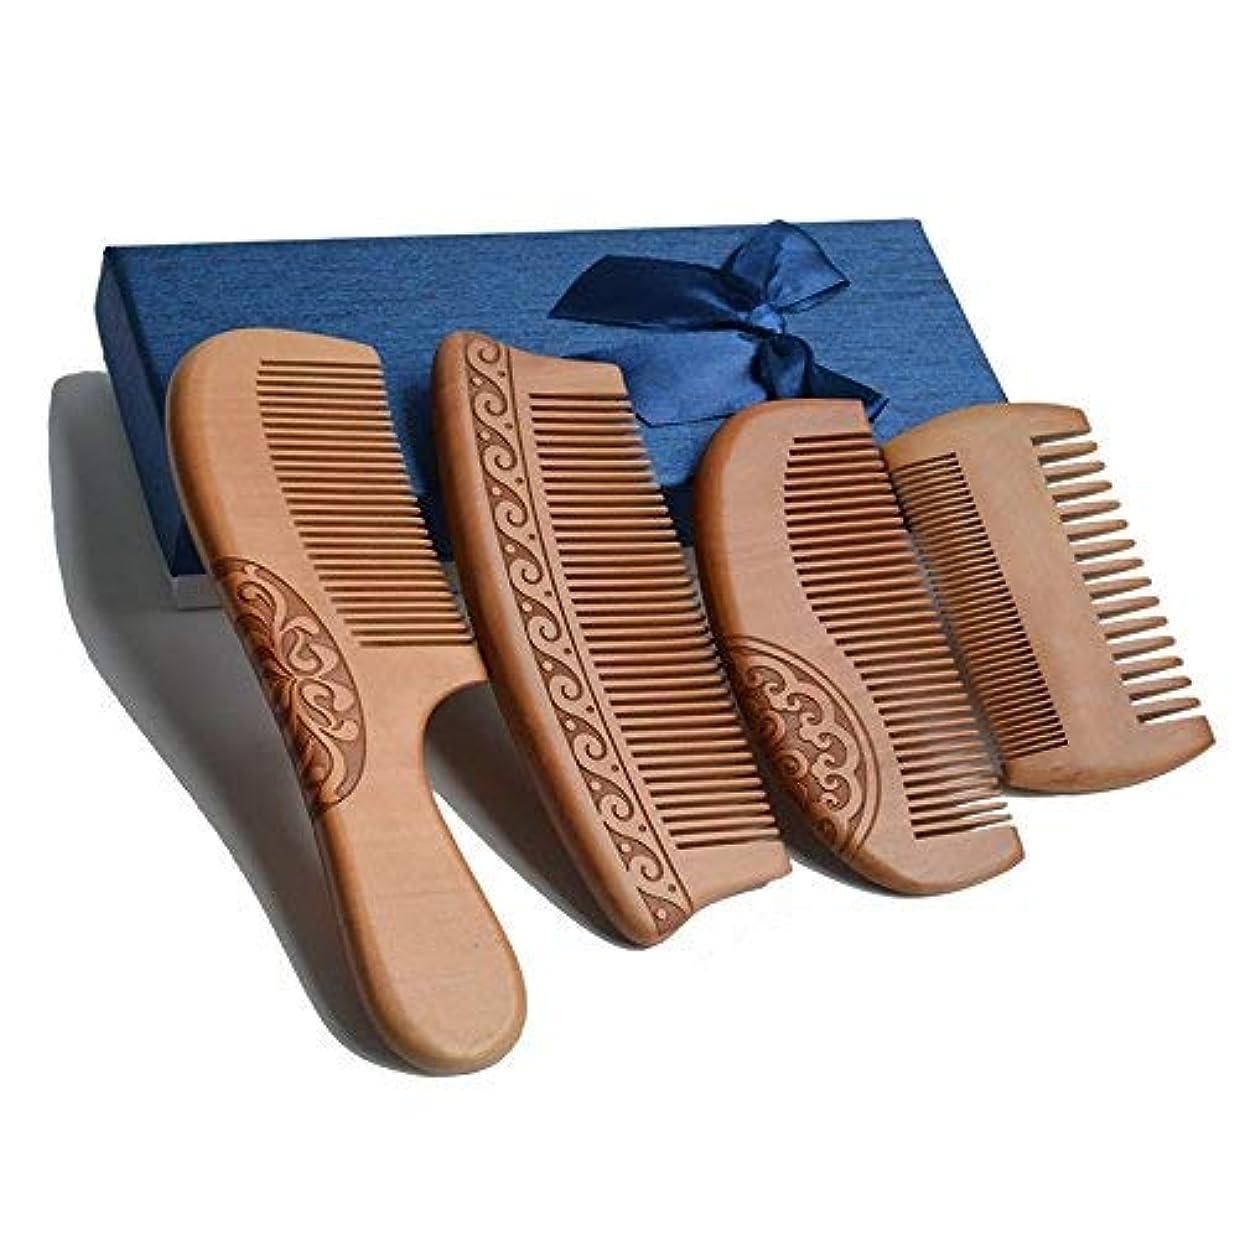 疑問を超えて軽量スリンク4Pcs Wooden Hair Comb No Static Hair Detangler Detangling Comb with Premium Gift Box [並行輸入品]